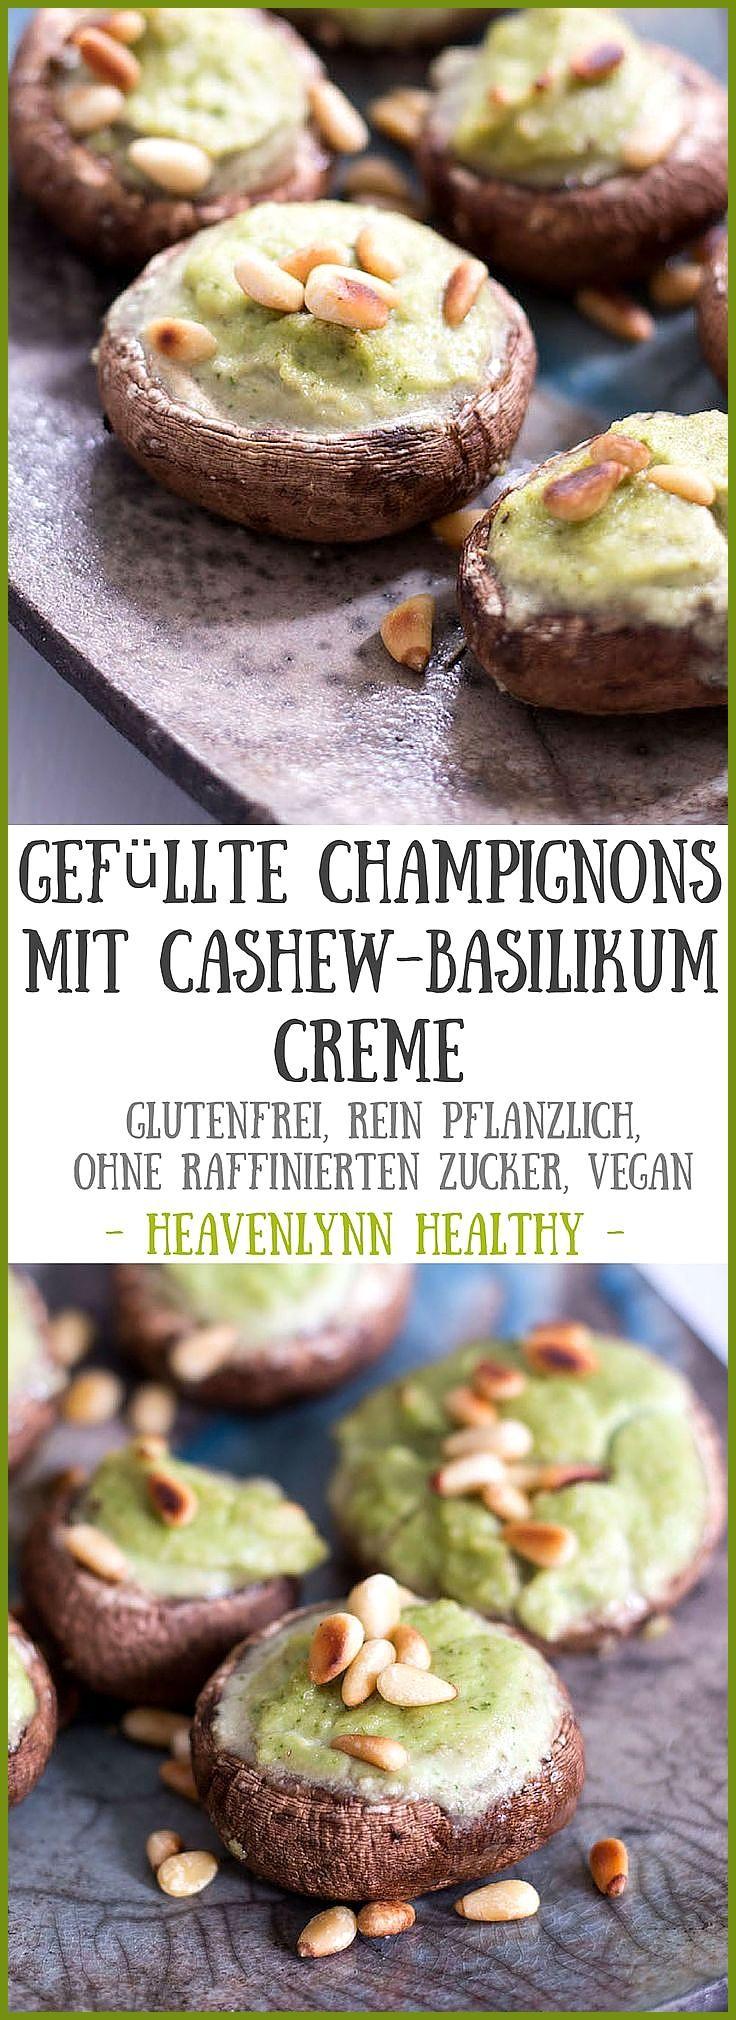 Gefüllte Champignons mit Cashew-Basilikum-Creme #CashewBasilikumCreme #Champignons #Fitness food ins...